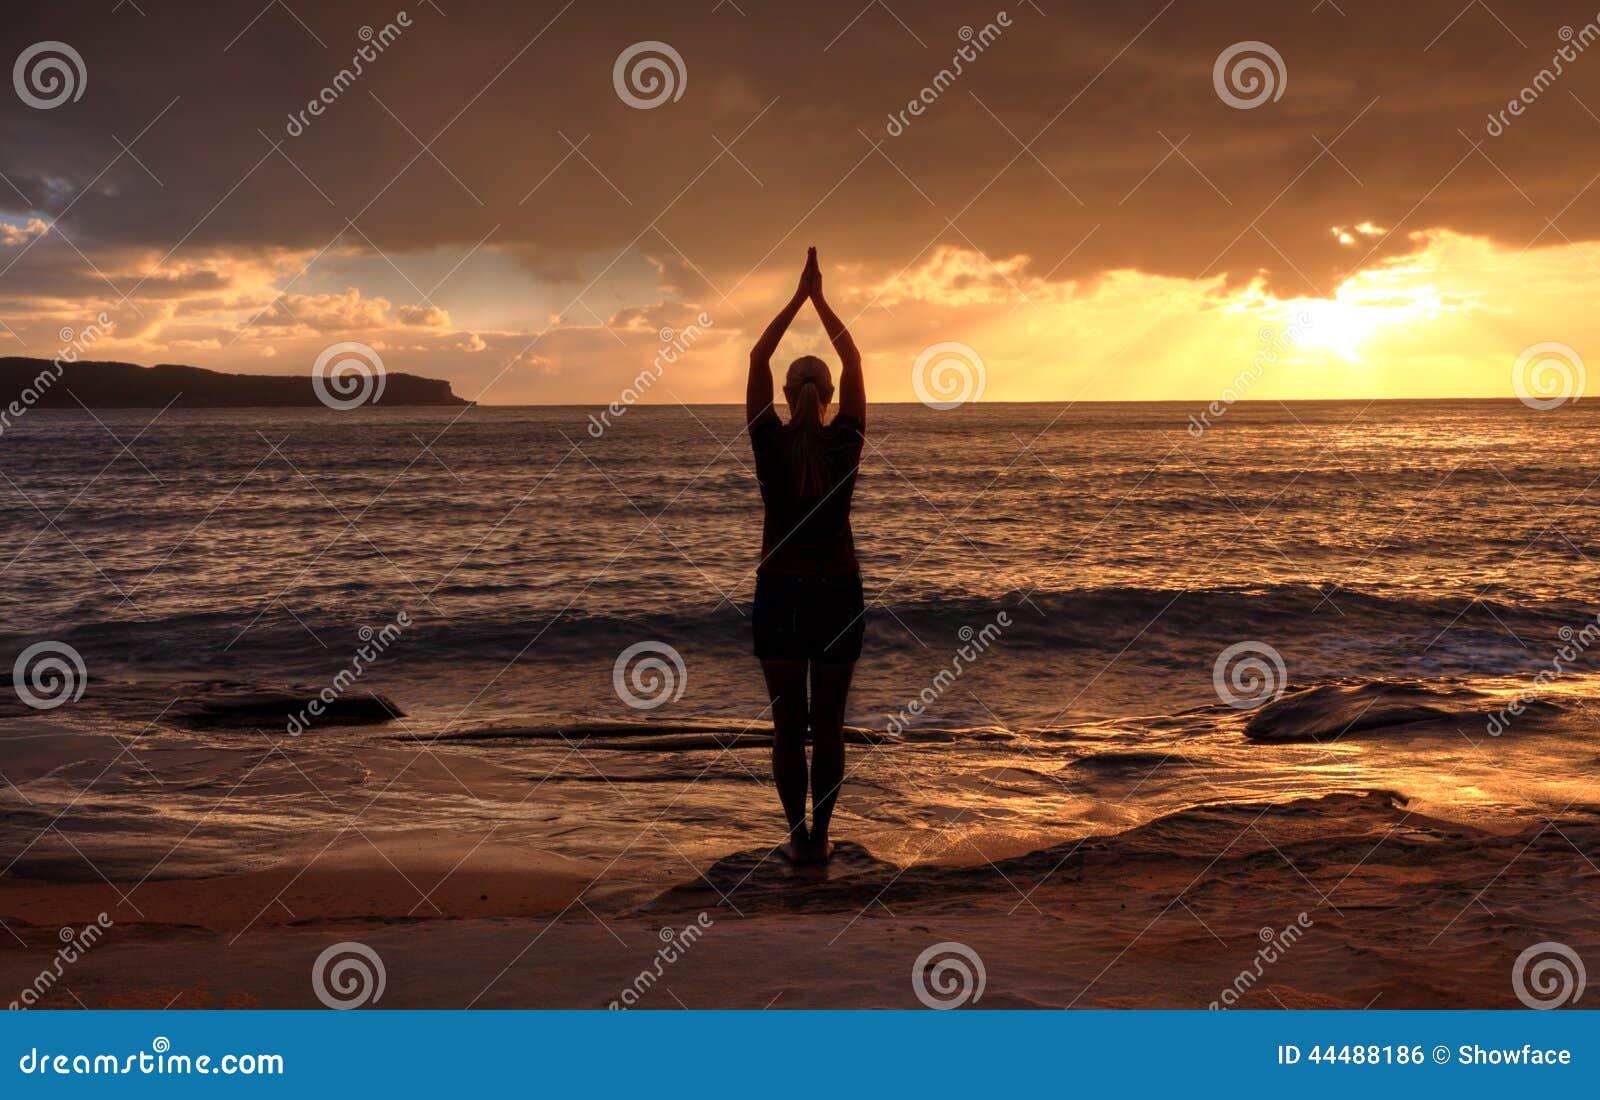 Mujer Tadasana - yoga de la actitud de la montaña por el mar en la salida del sol